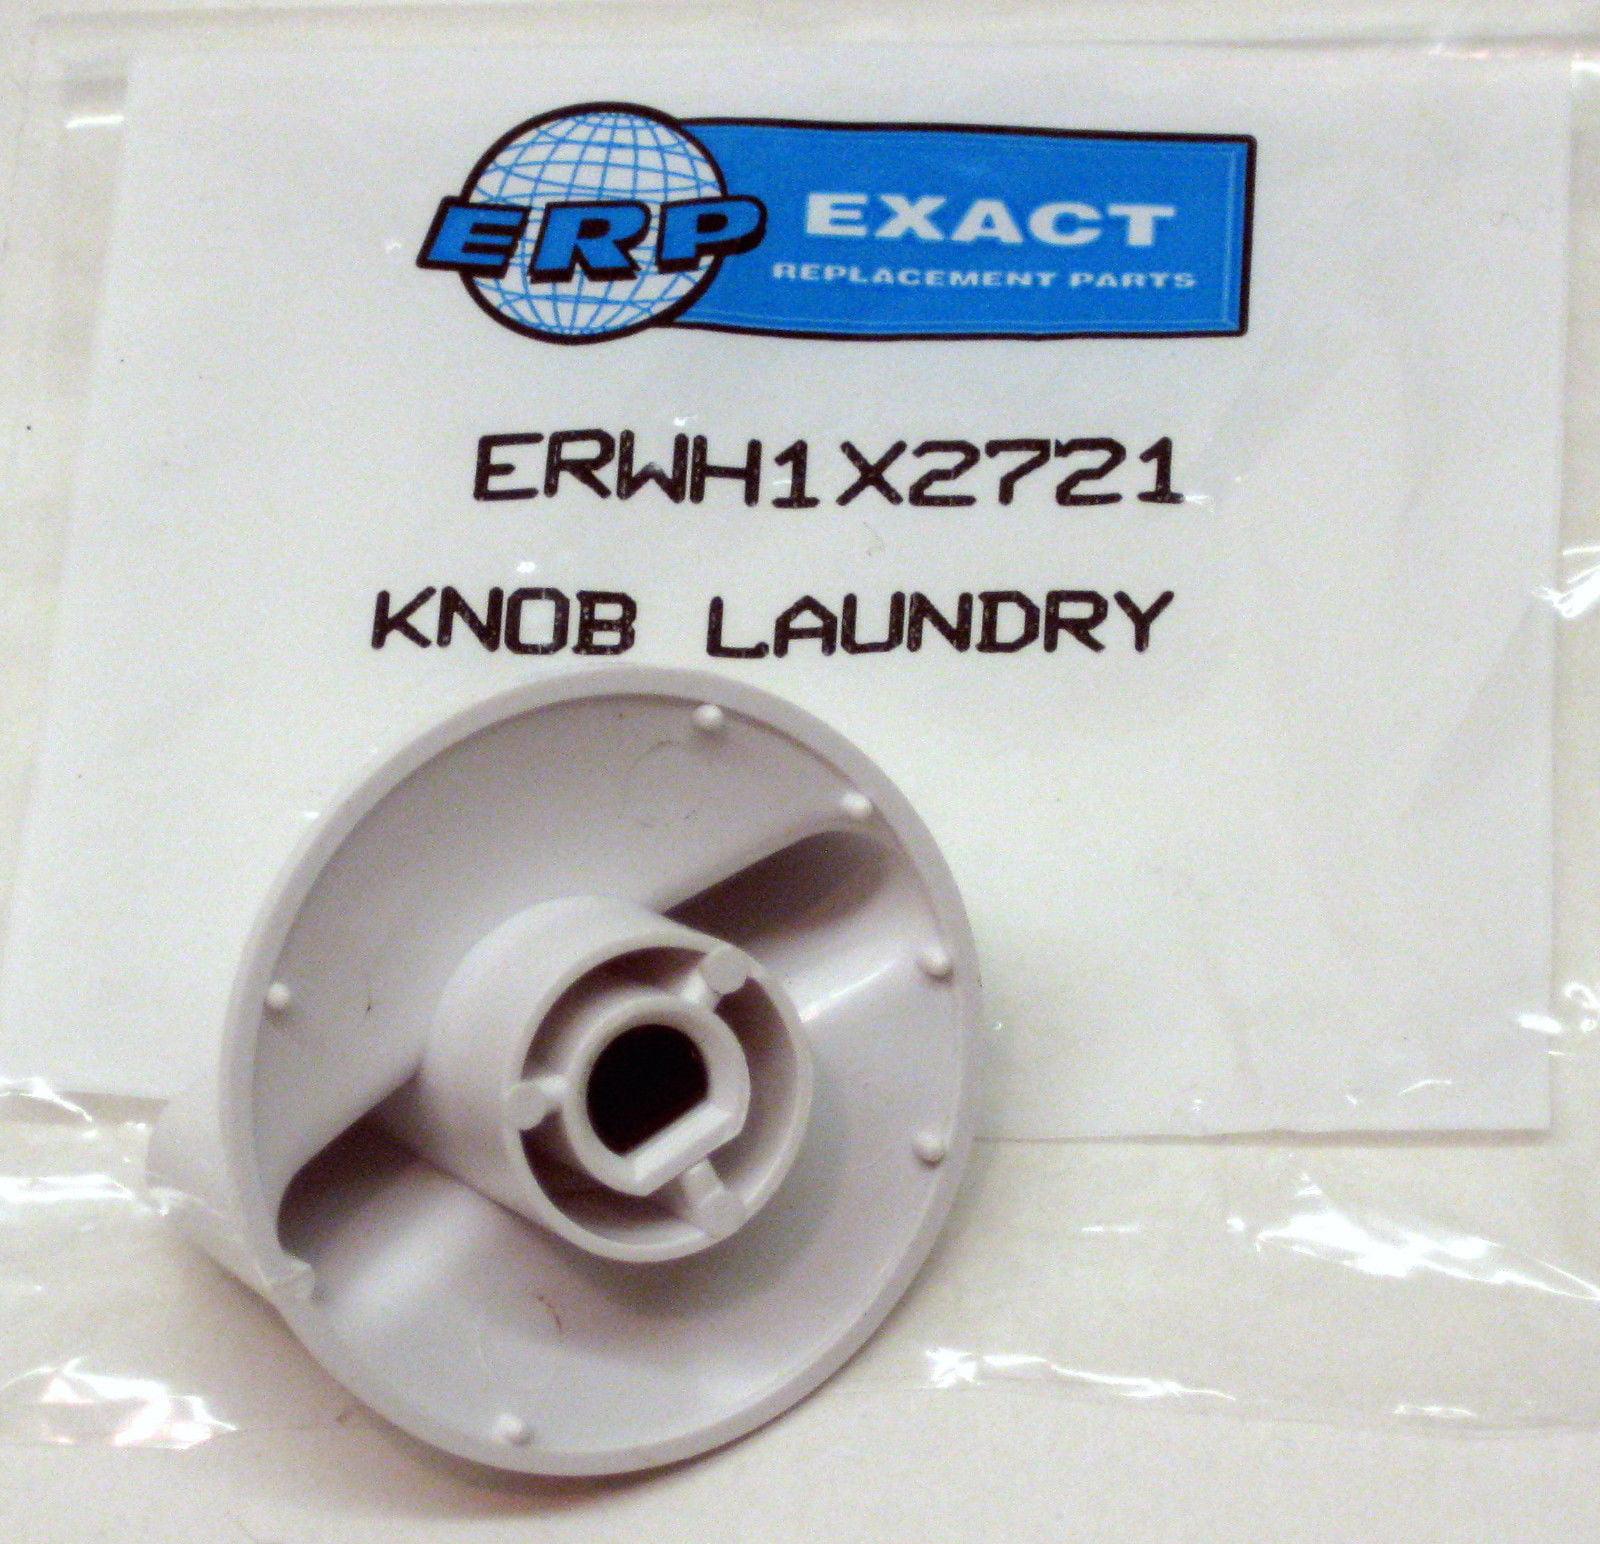 GE Dryer Timer Knob Assembly White